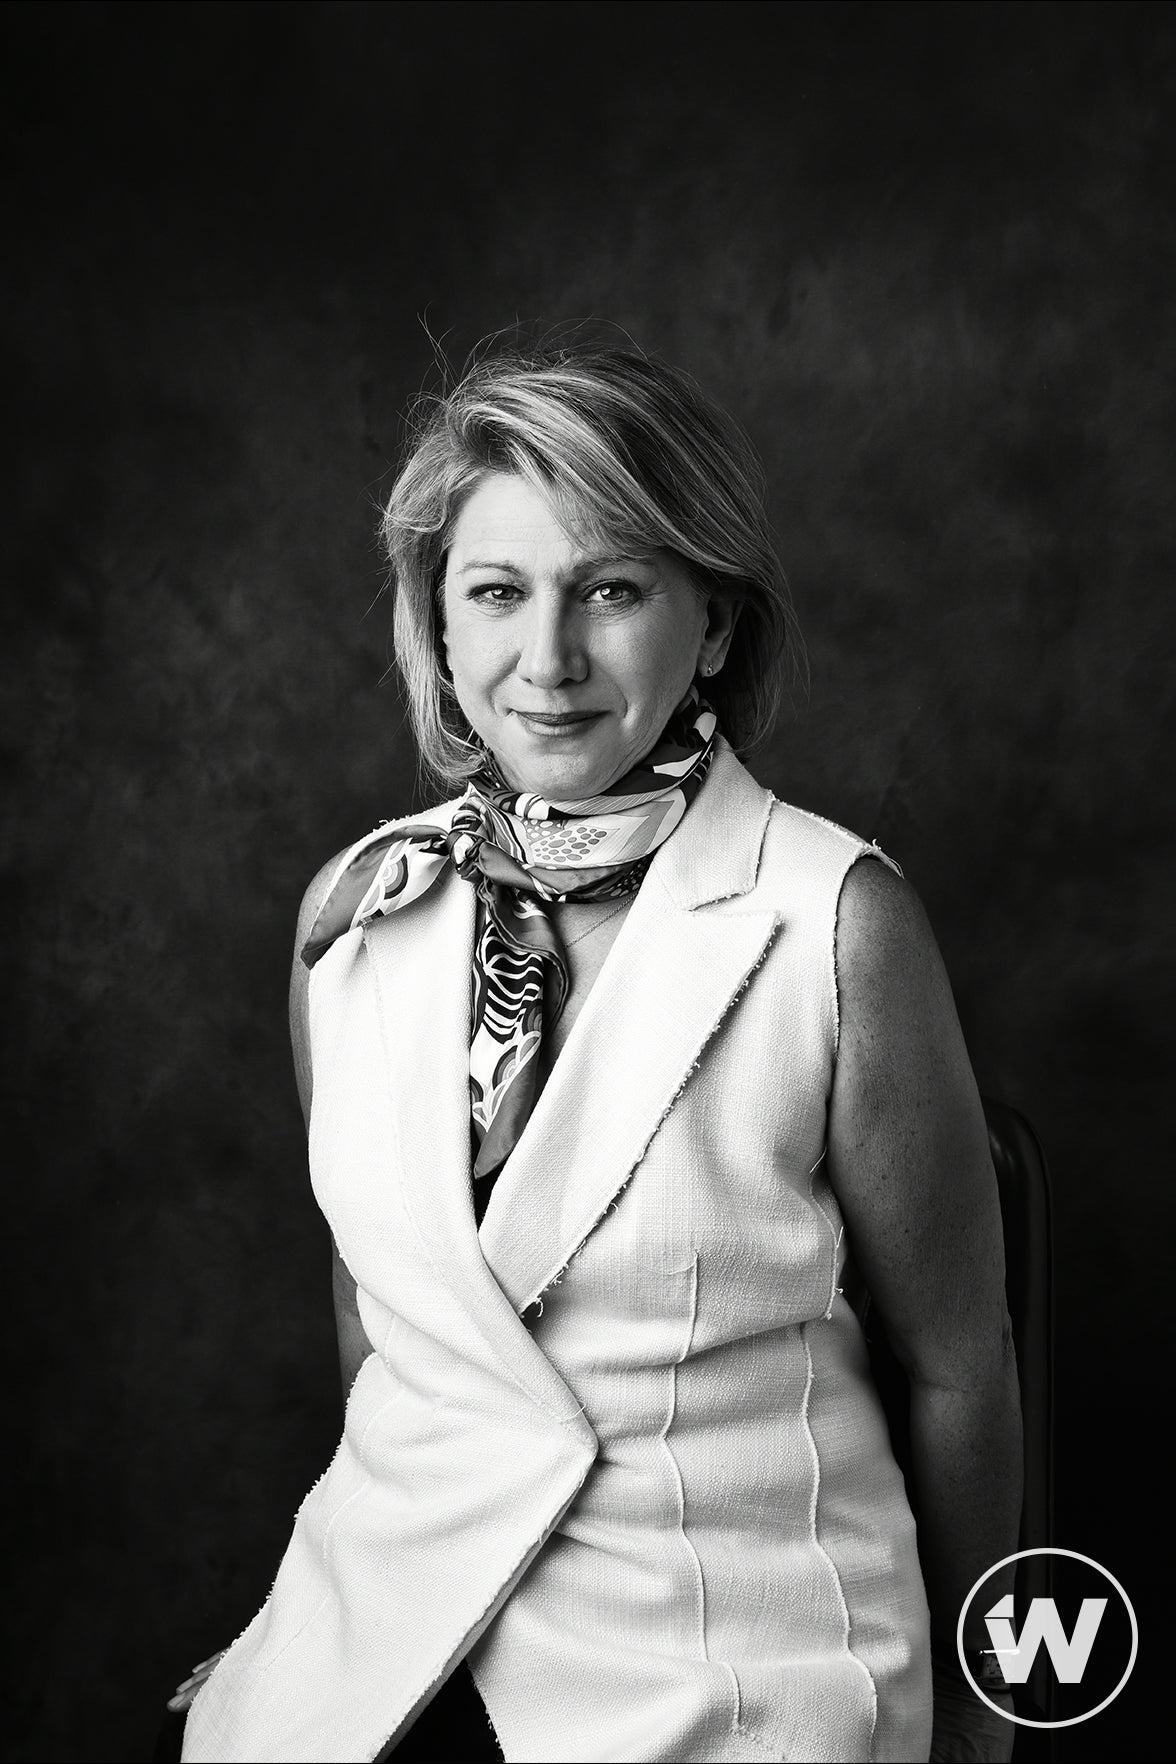 Sharon Waxman, TheGrill